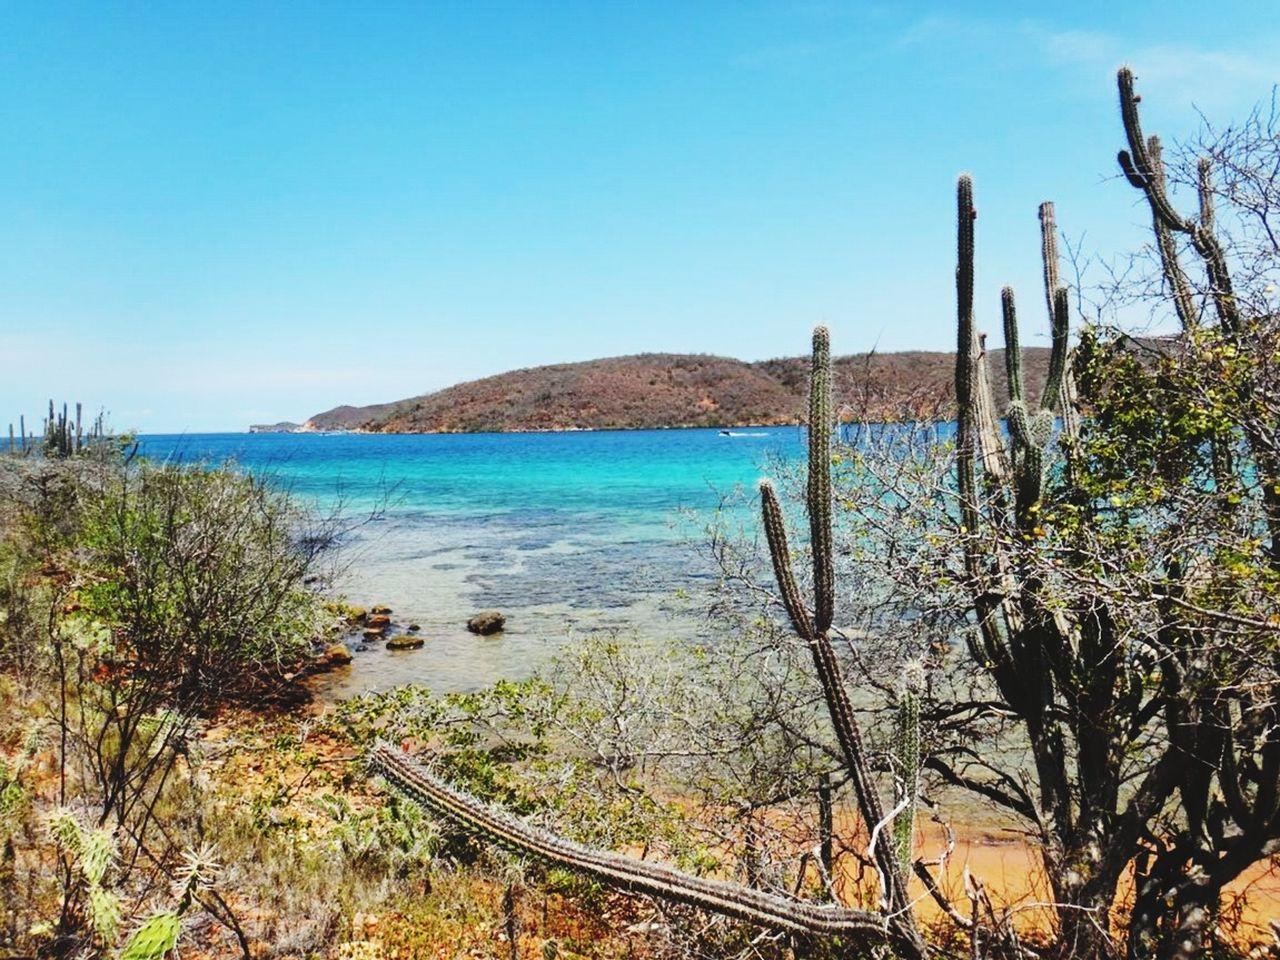 Venezuela Mochima Vitaminsea First Eyeem Photo Showcase July Venezuela_captures Nature Beauty Nature Textures Beachphotography